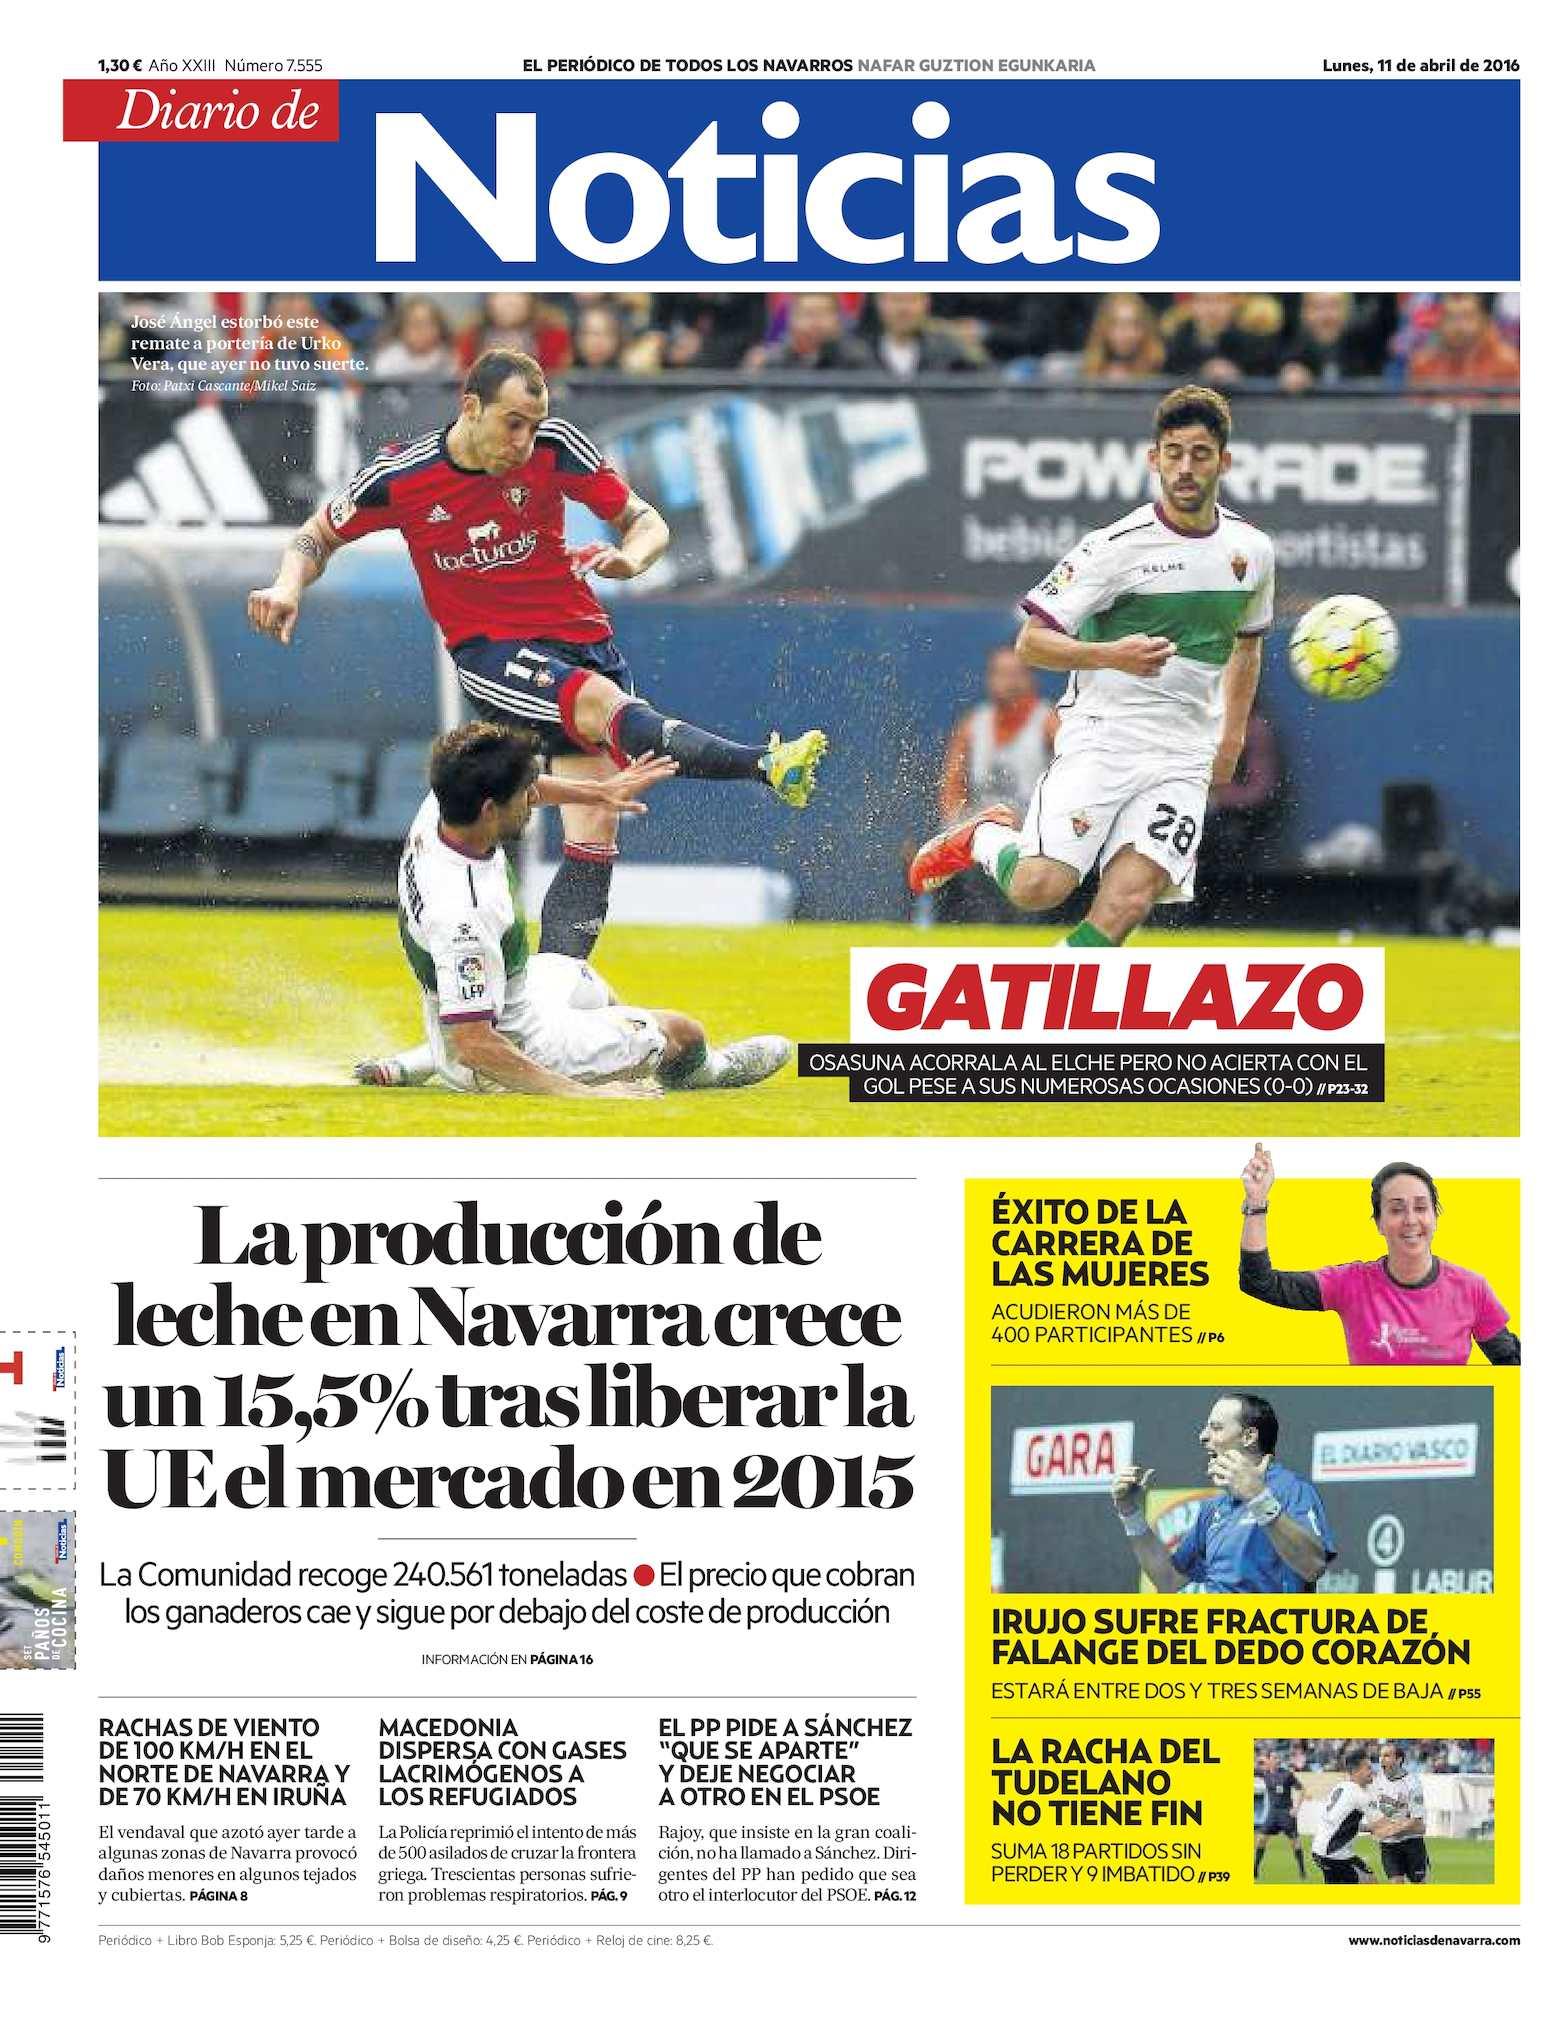 Calaméo - Diario de Noticias 20160411 5016802ac2d